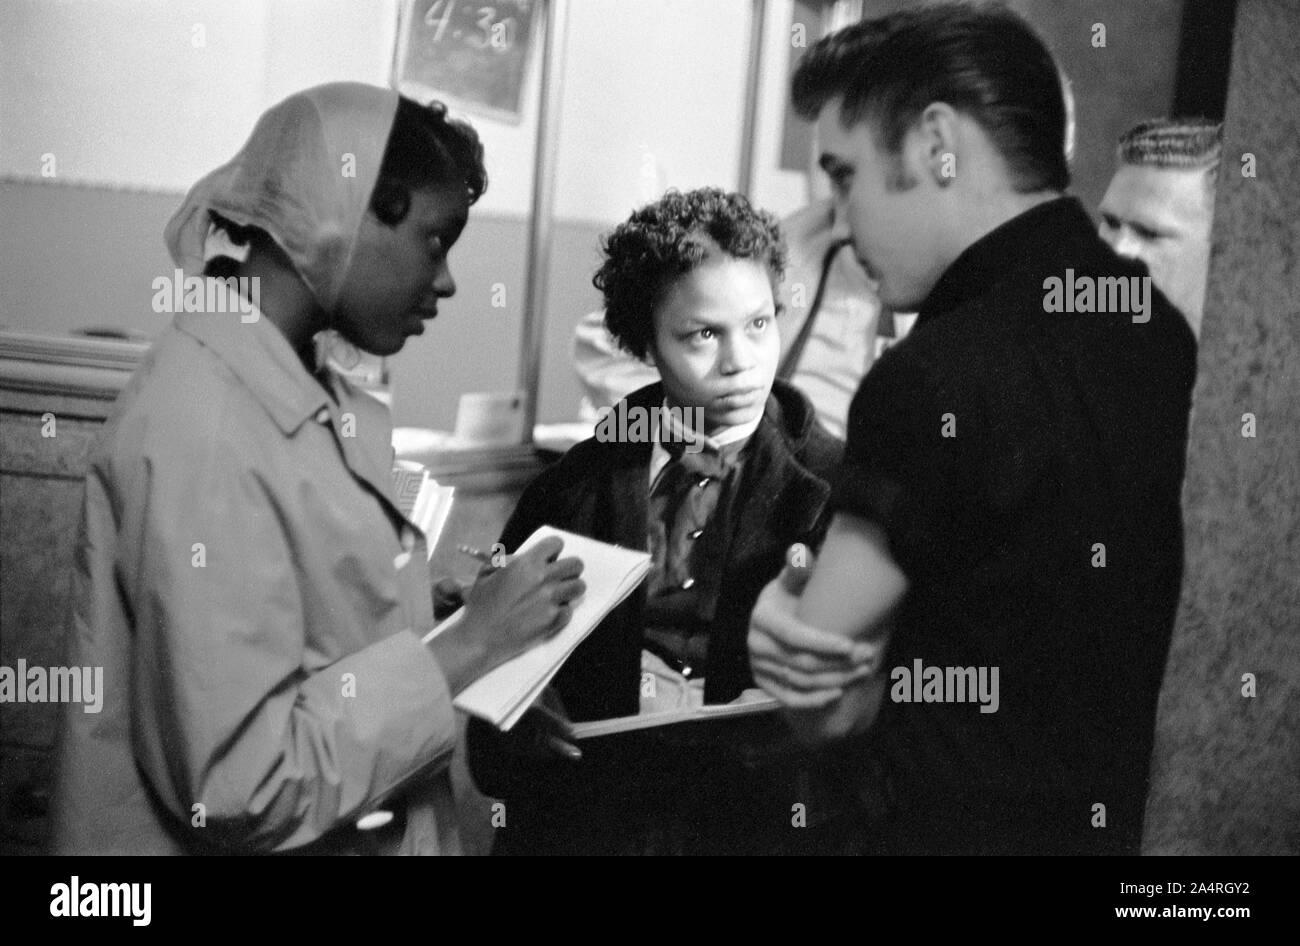 Elvis Presley parlando con giovani reporter al Fox Theatre di Detroit, 25 maggio 1956. Foto Stock